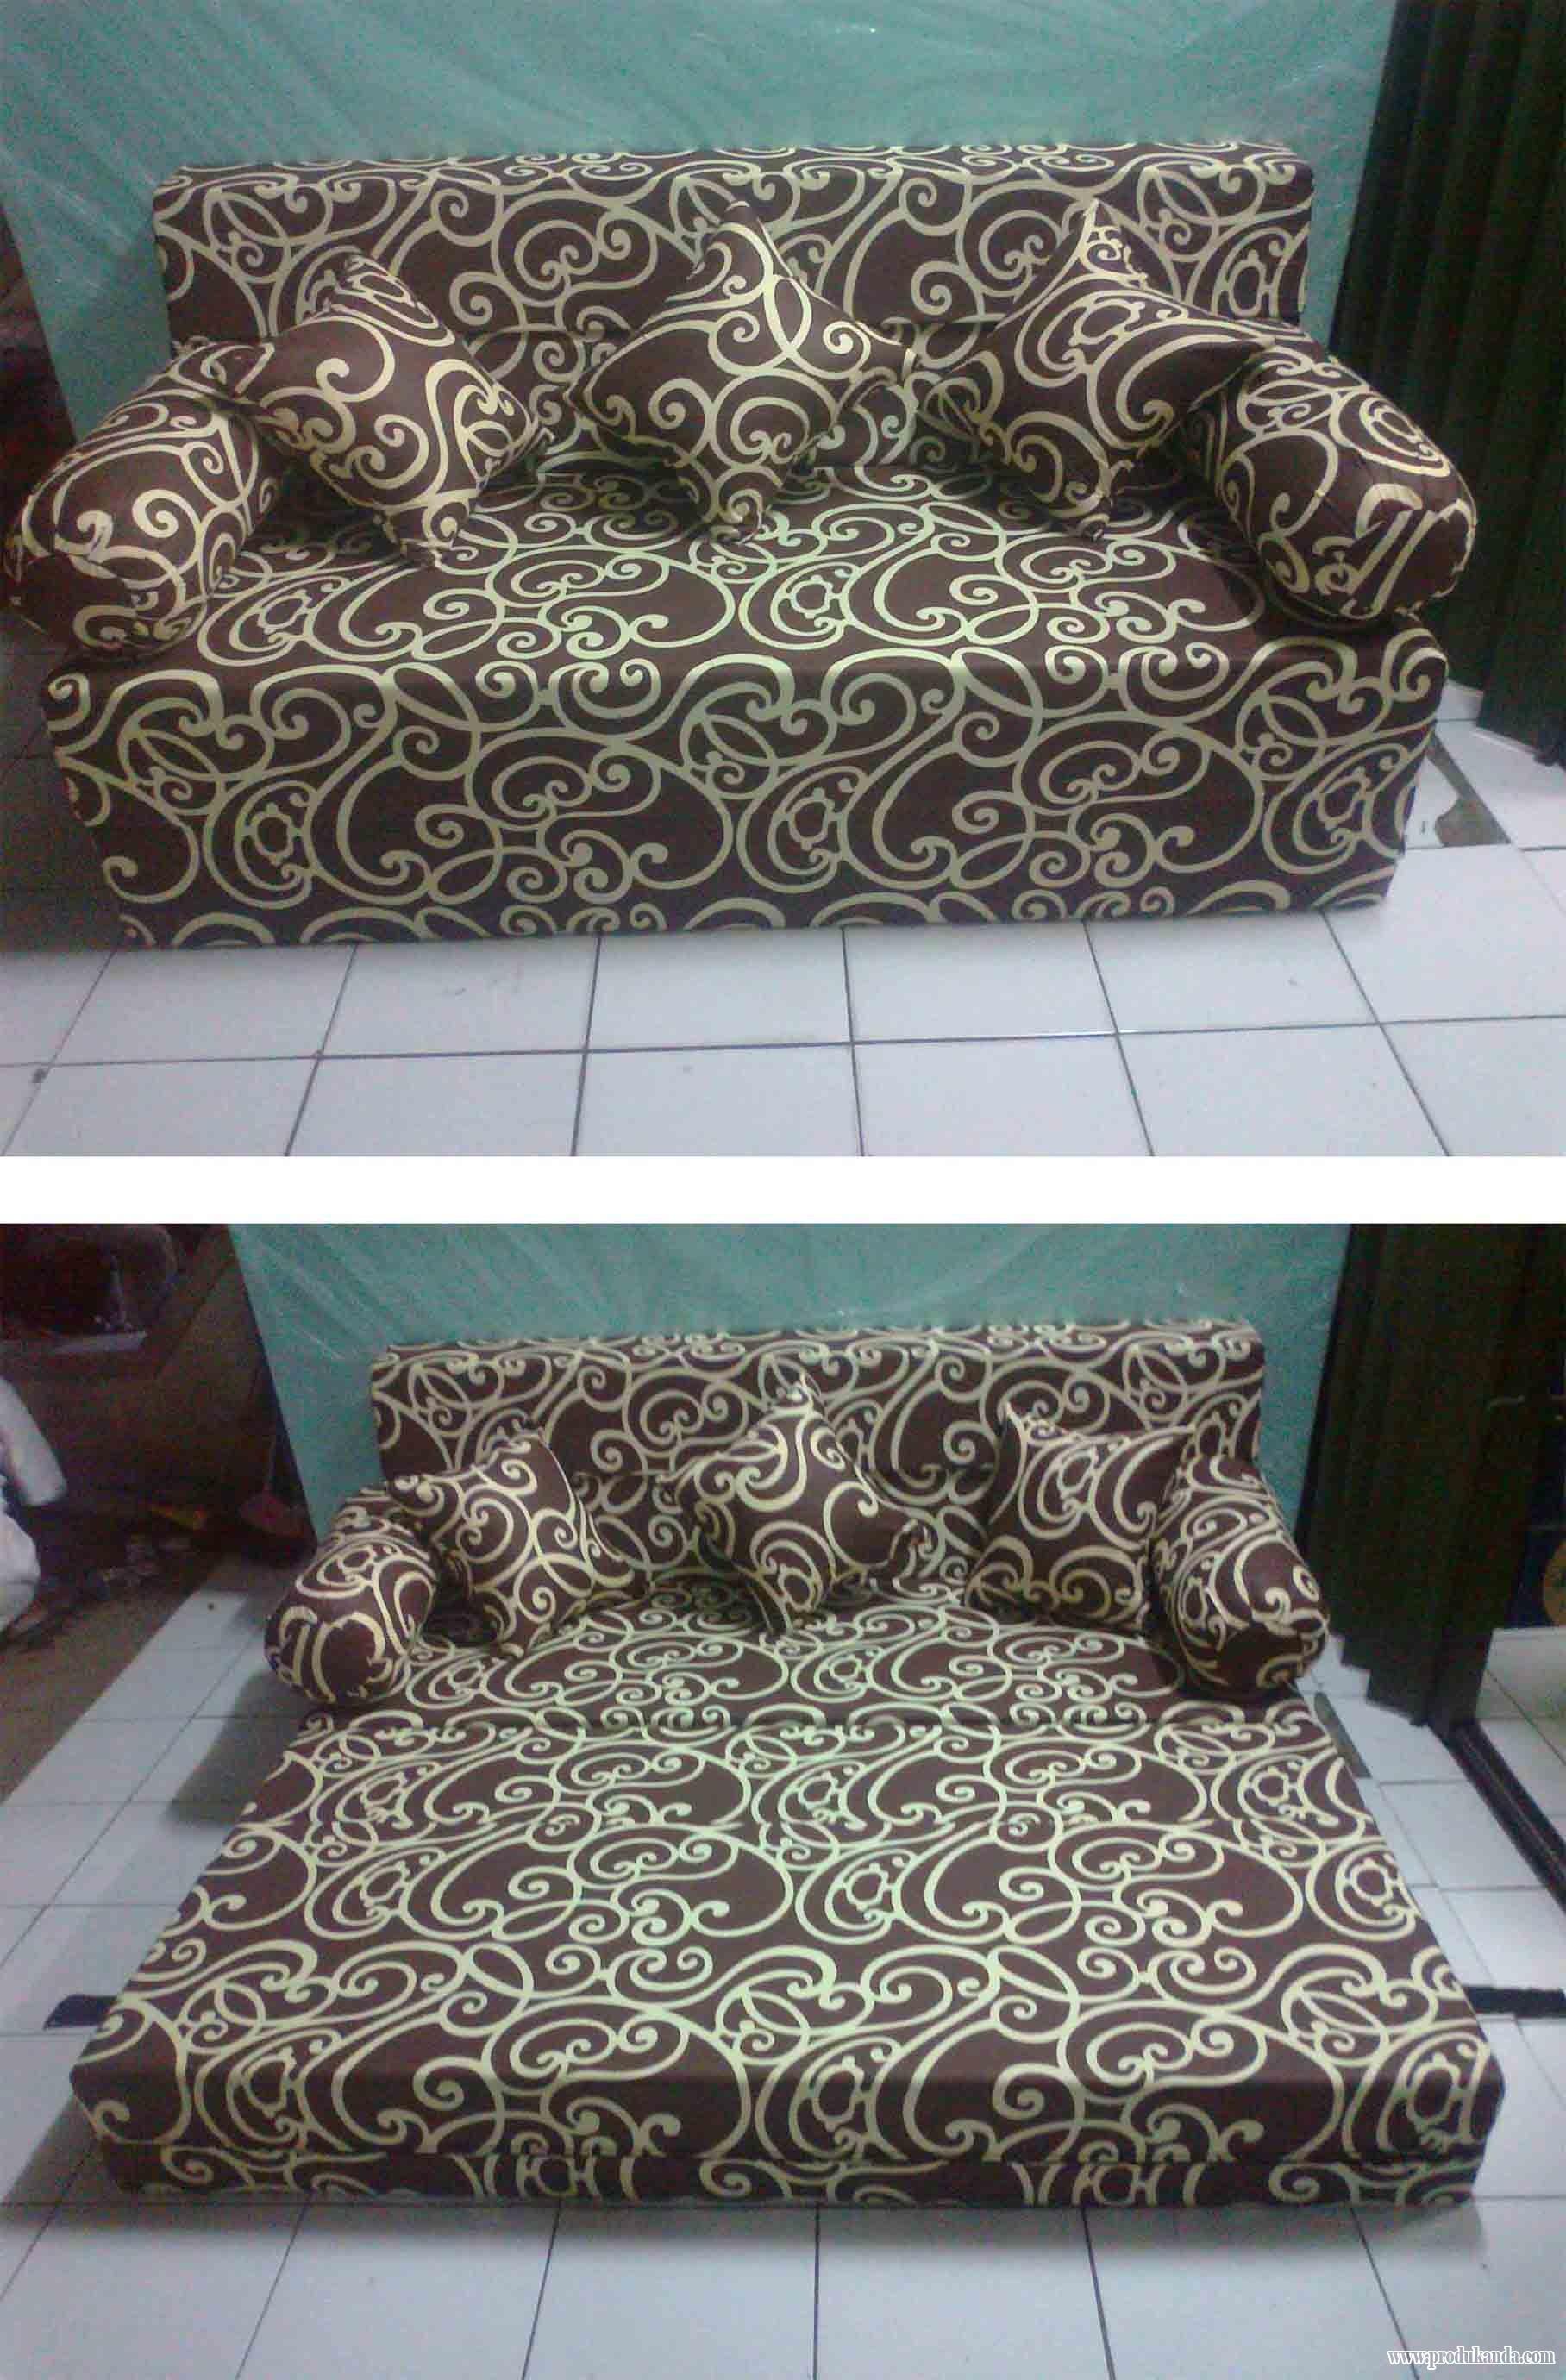 Harga Sofa Bed Lipat Murah Thecreativescientistcom